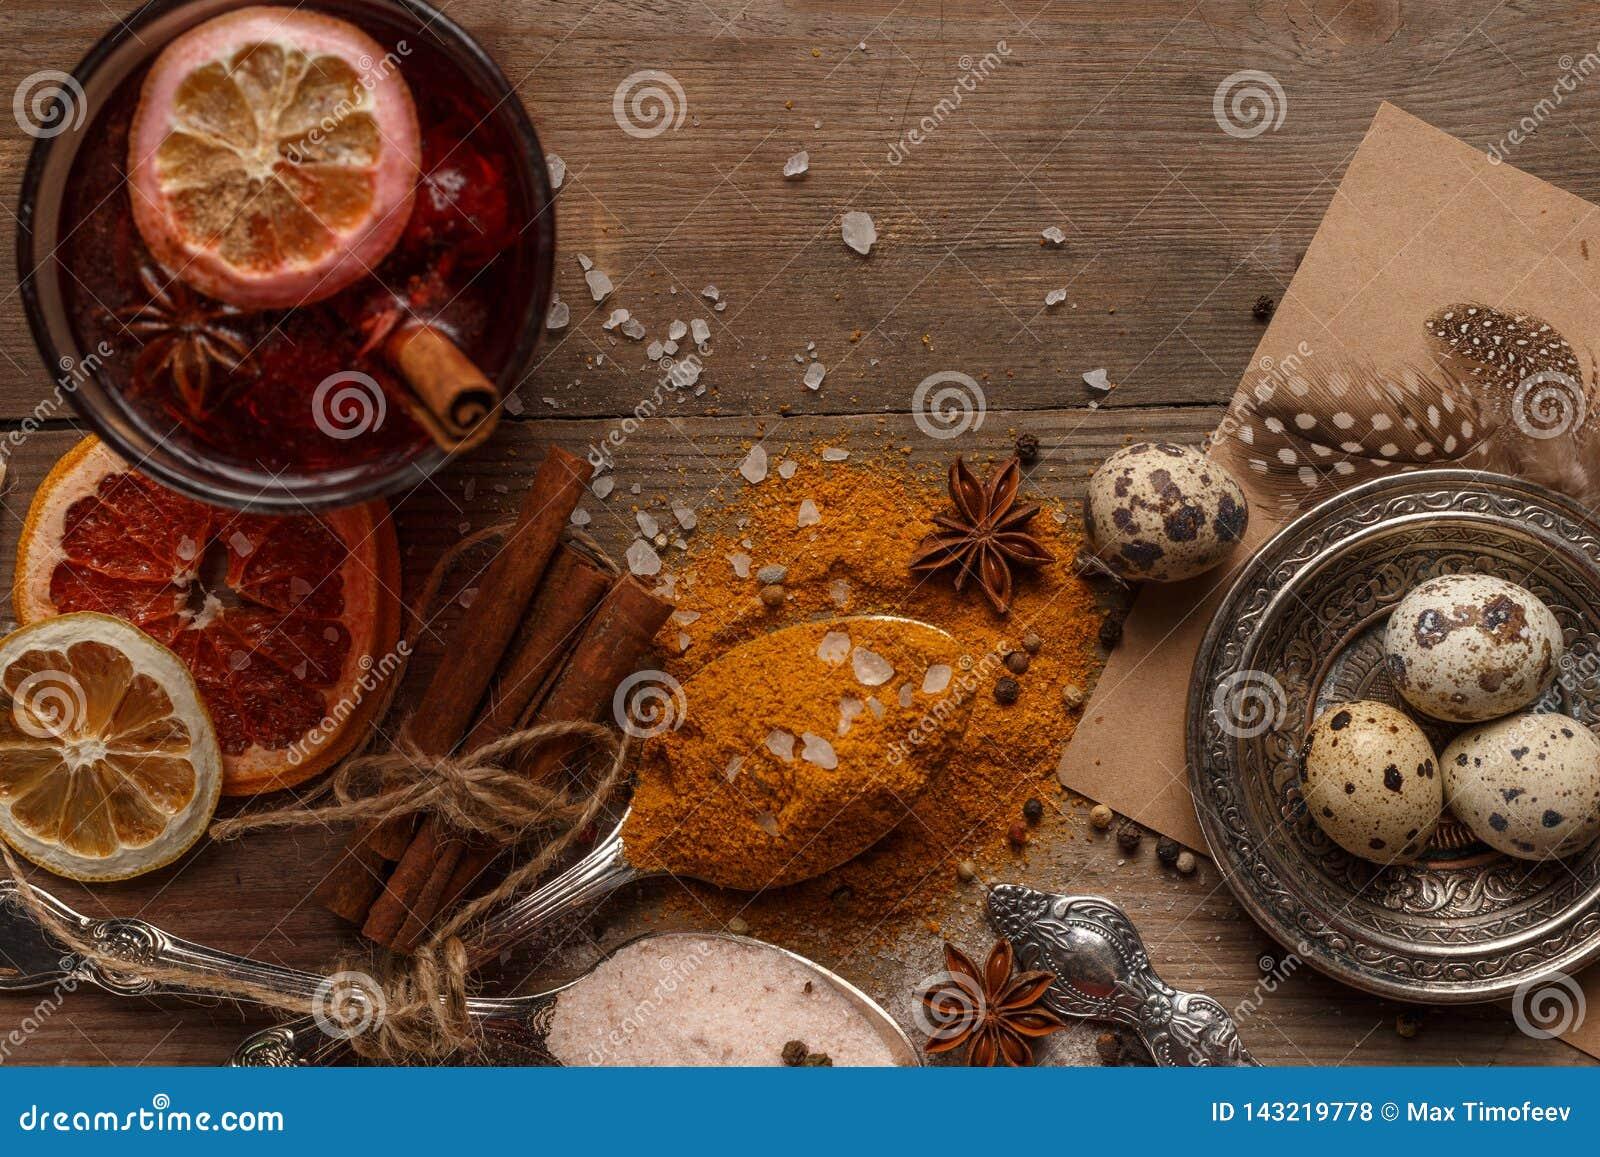 Vino reflexionado sobre, especias y frutas secadas en una tabla rústica